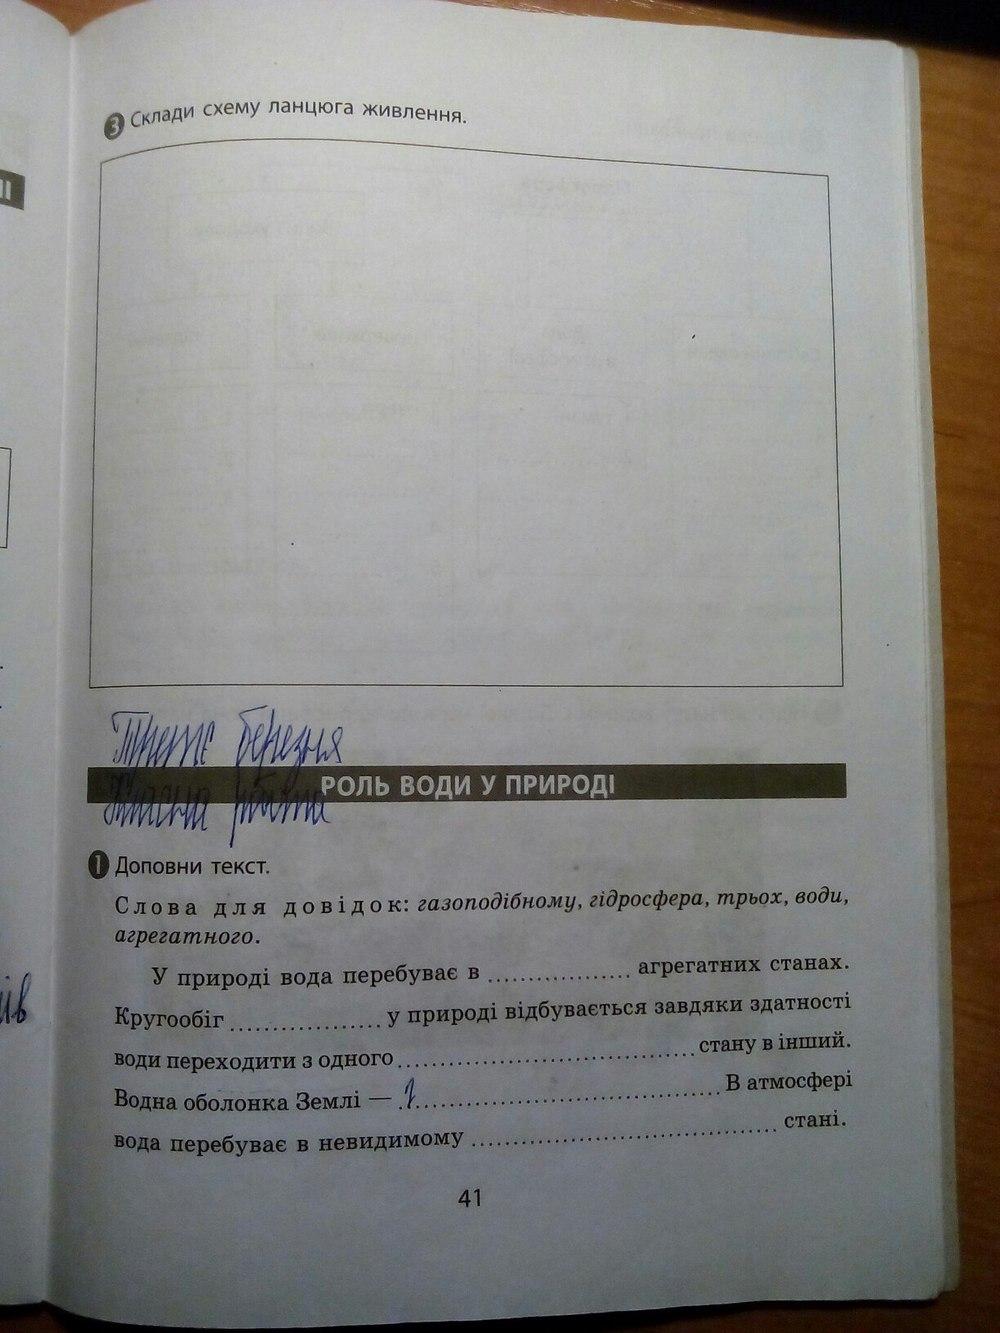 ГДЗ відповіді робочий зошит по биологии 5 класс. Задание: стр. 41